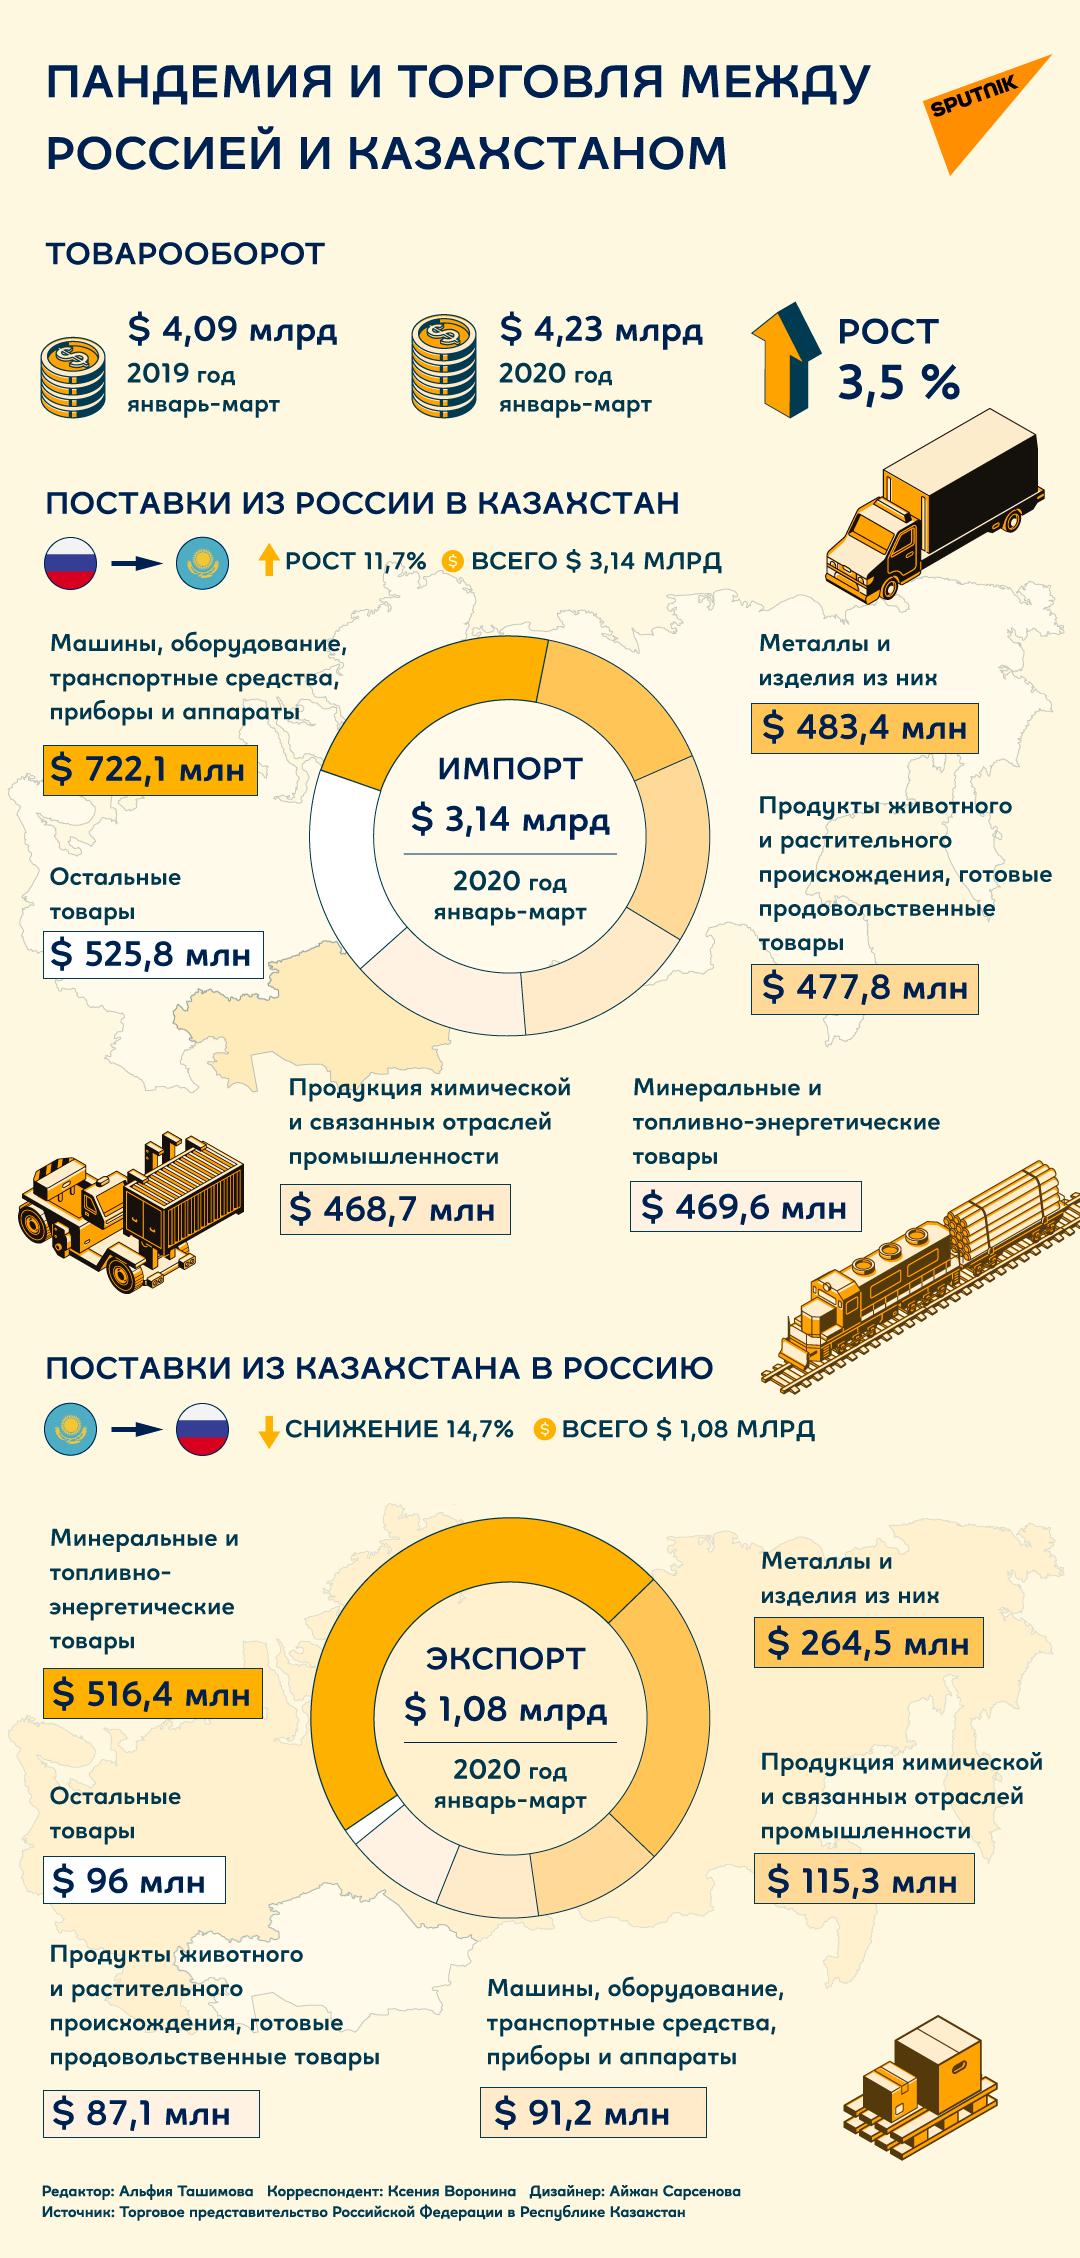 Как повлияла пандемия на товарооборот между Россией и Казахстаном